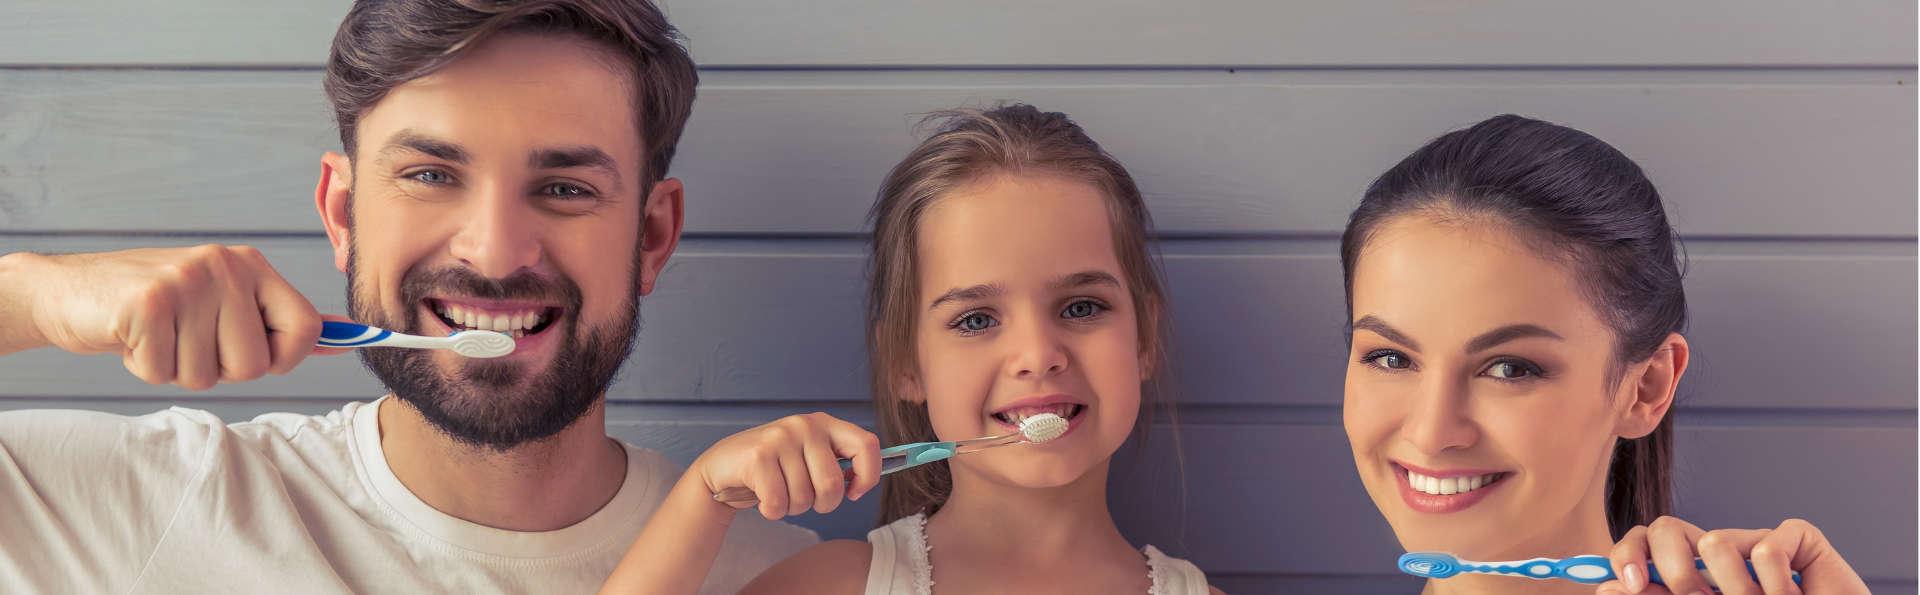 smiling family brushing teeth